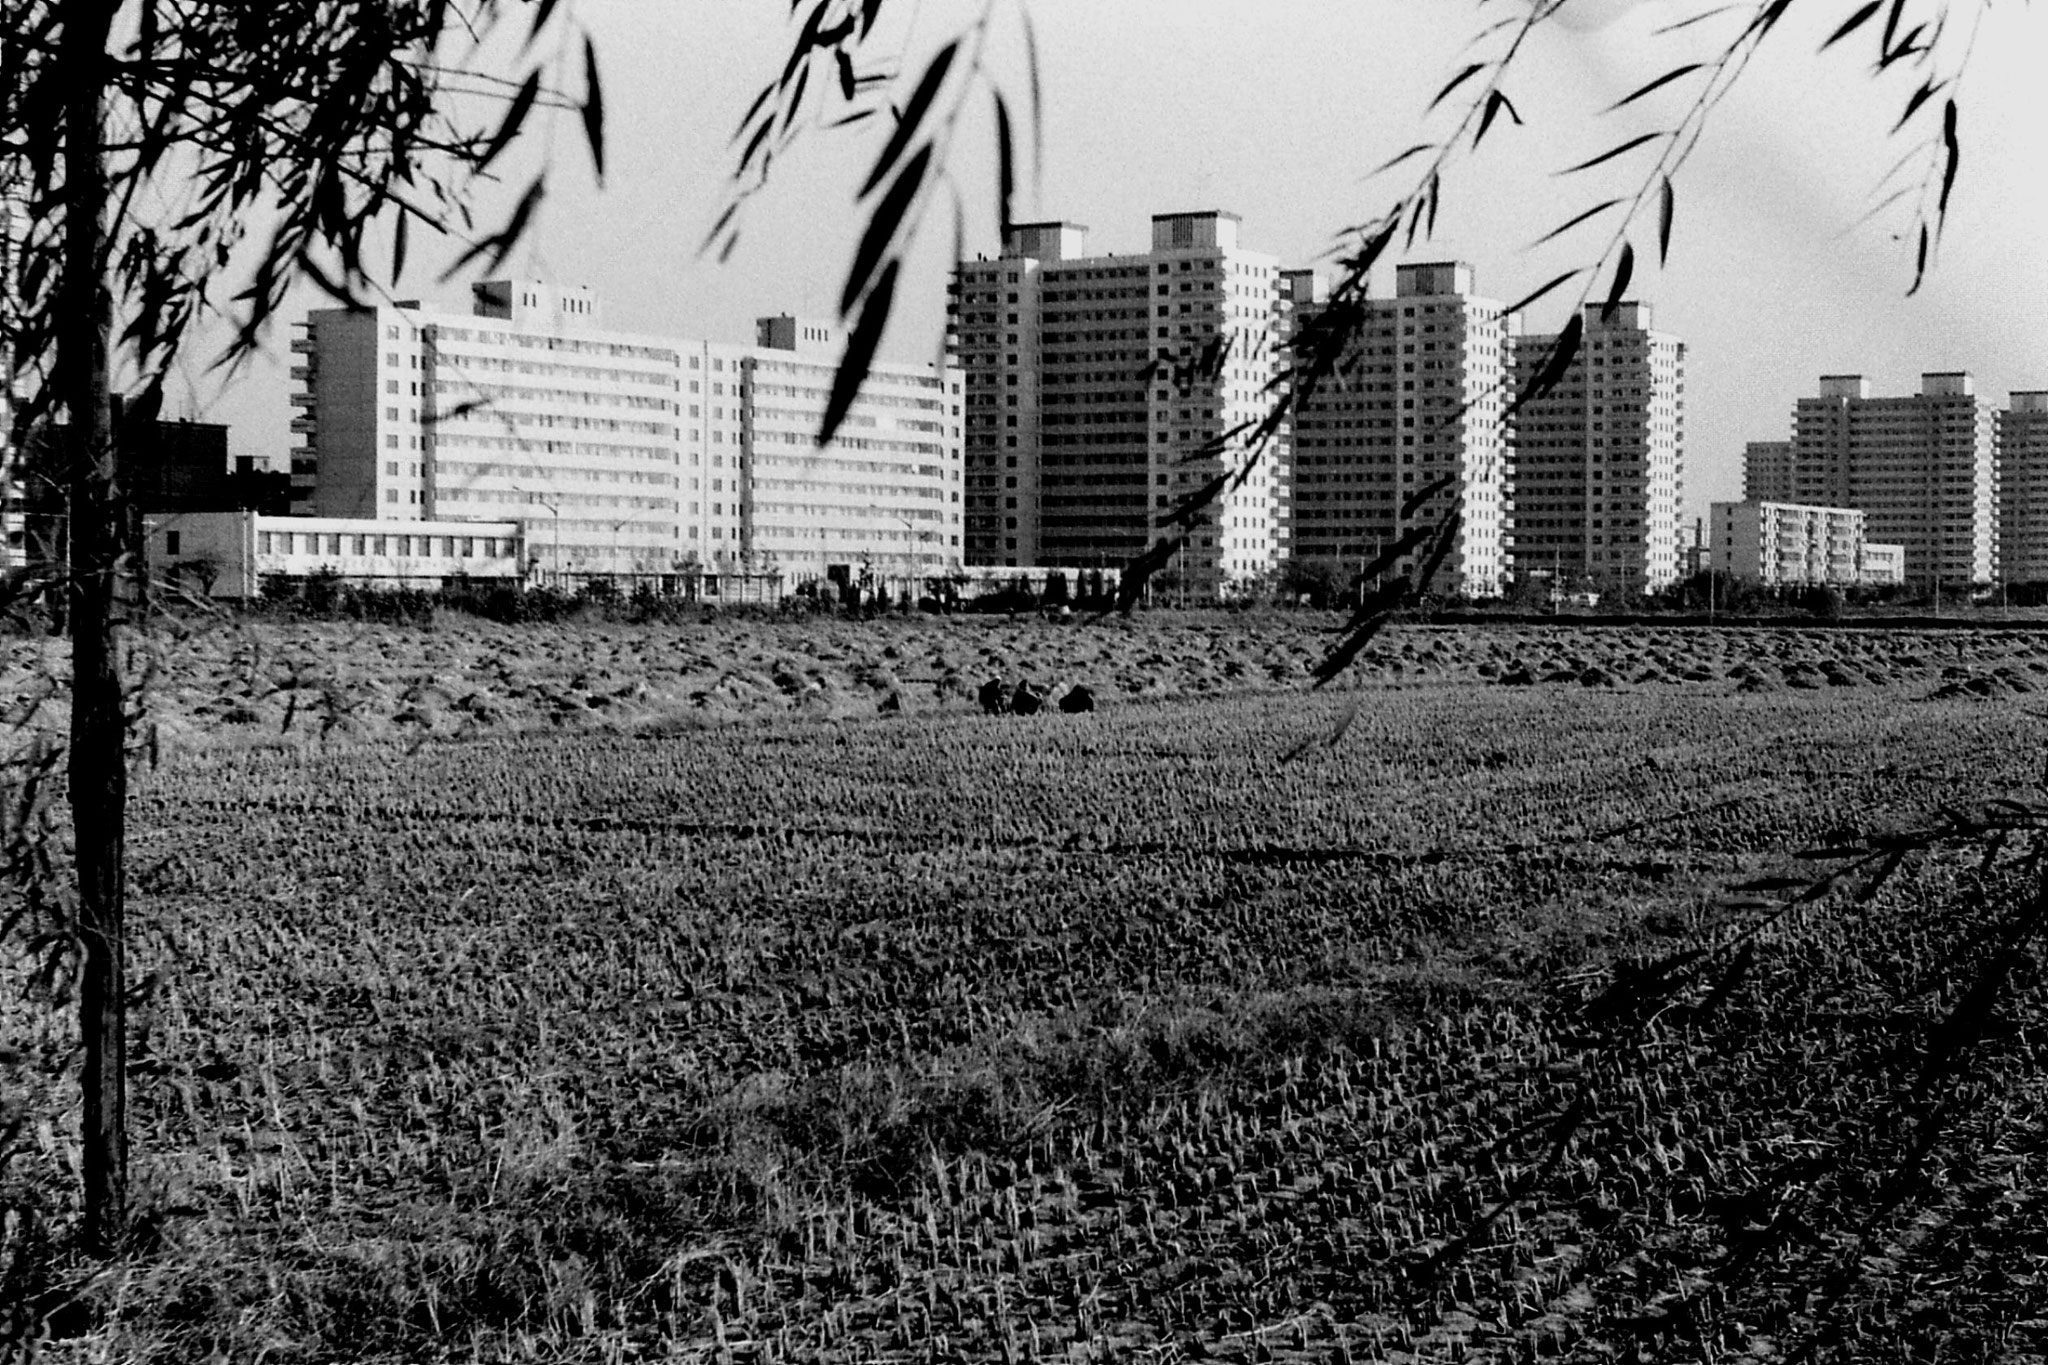 3/11/1988: 20: Nw Beijing